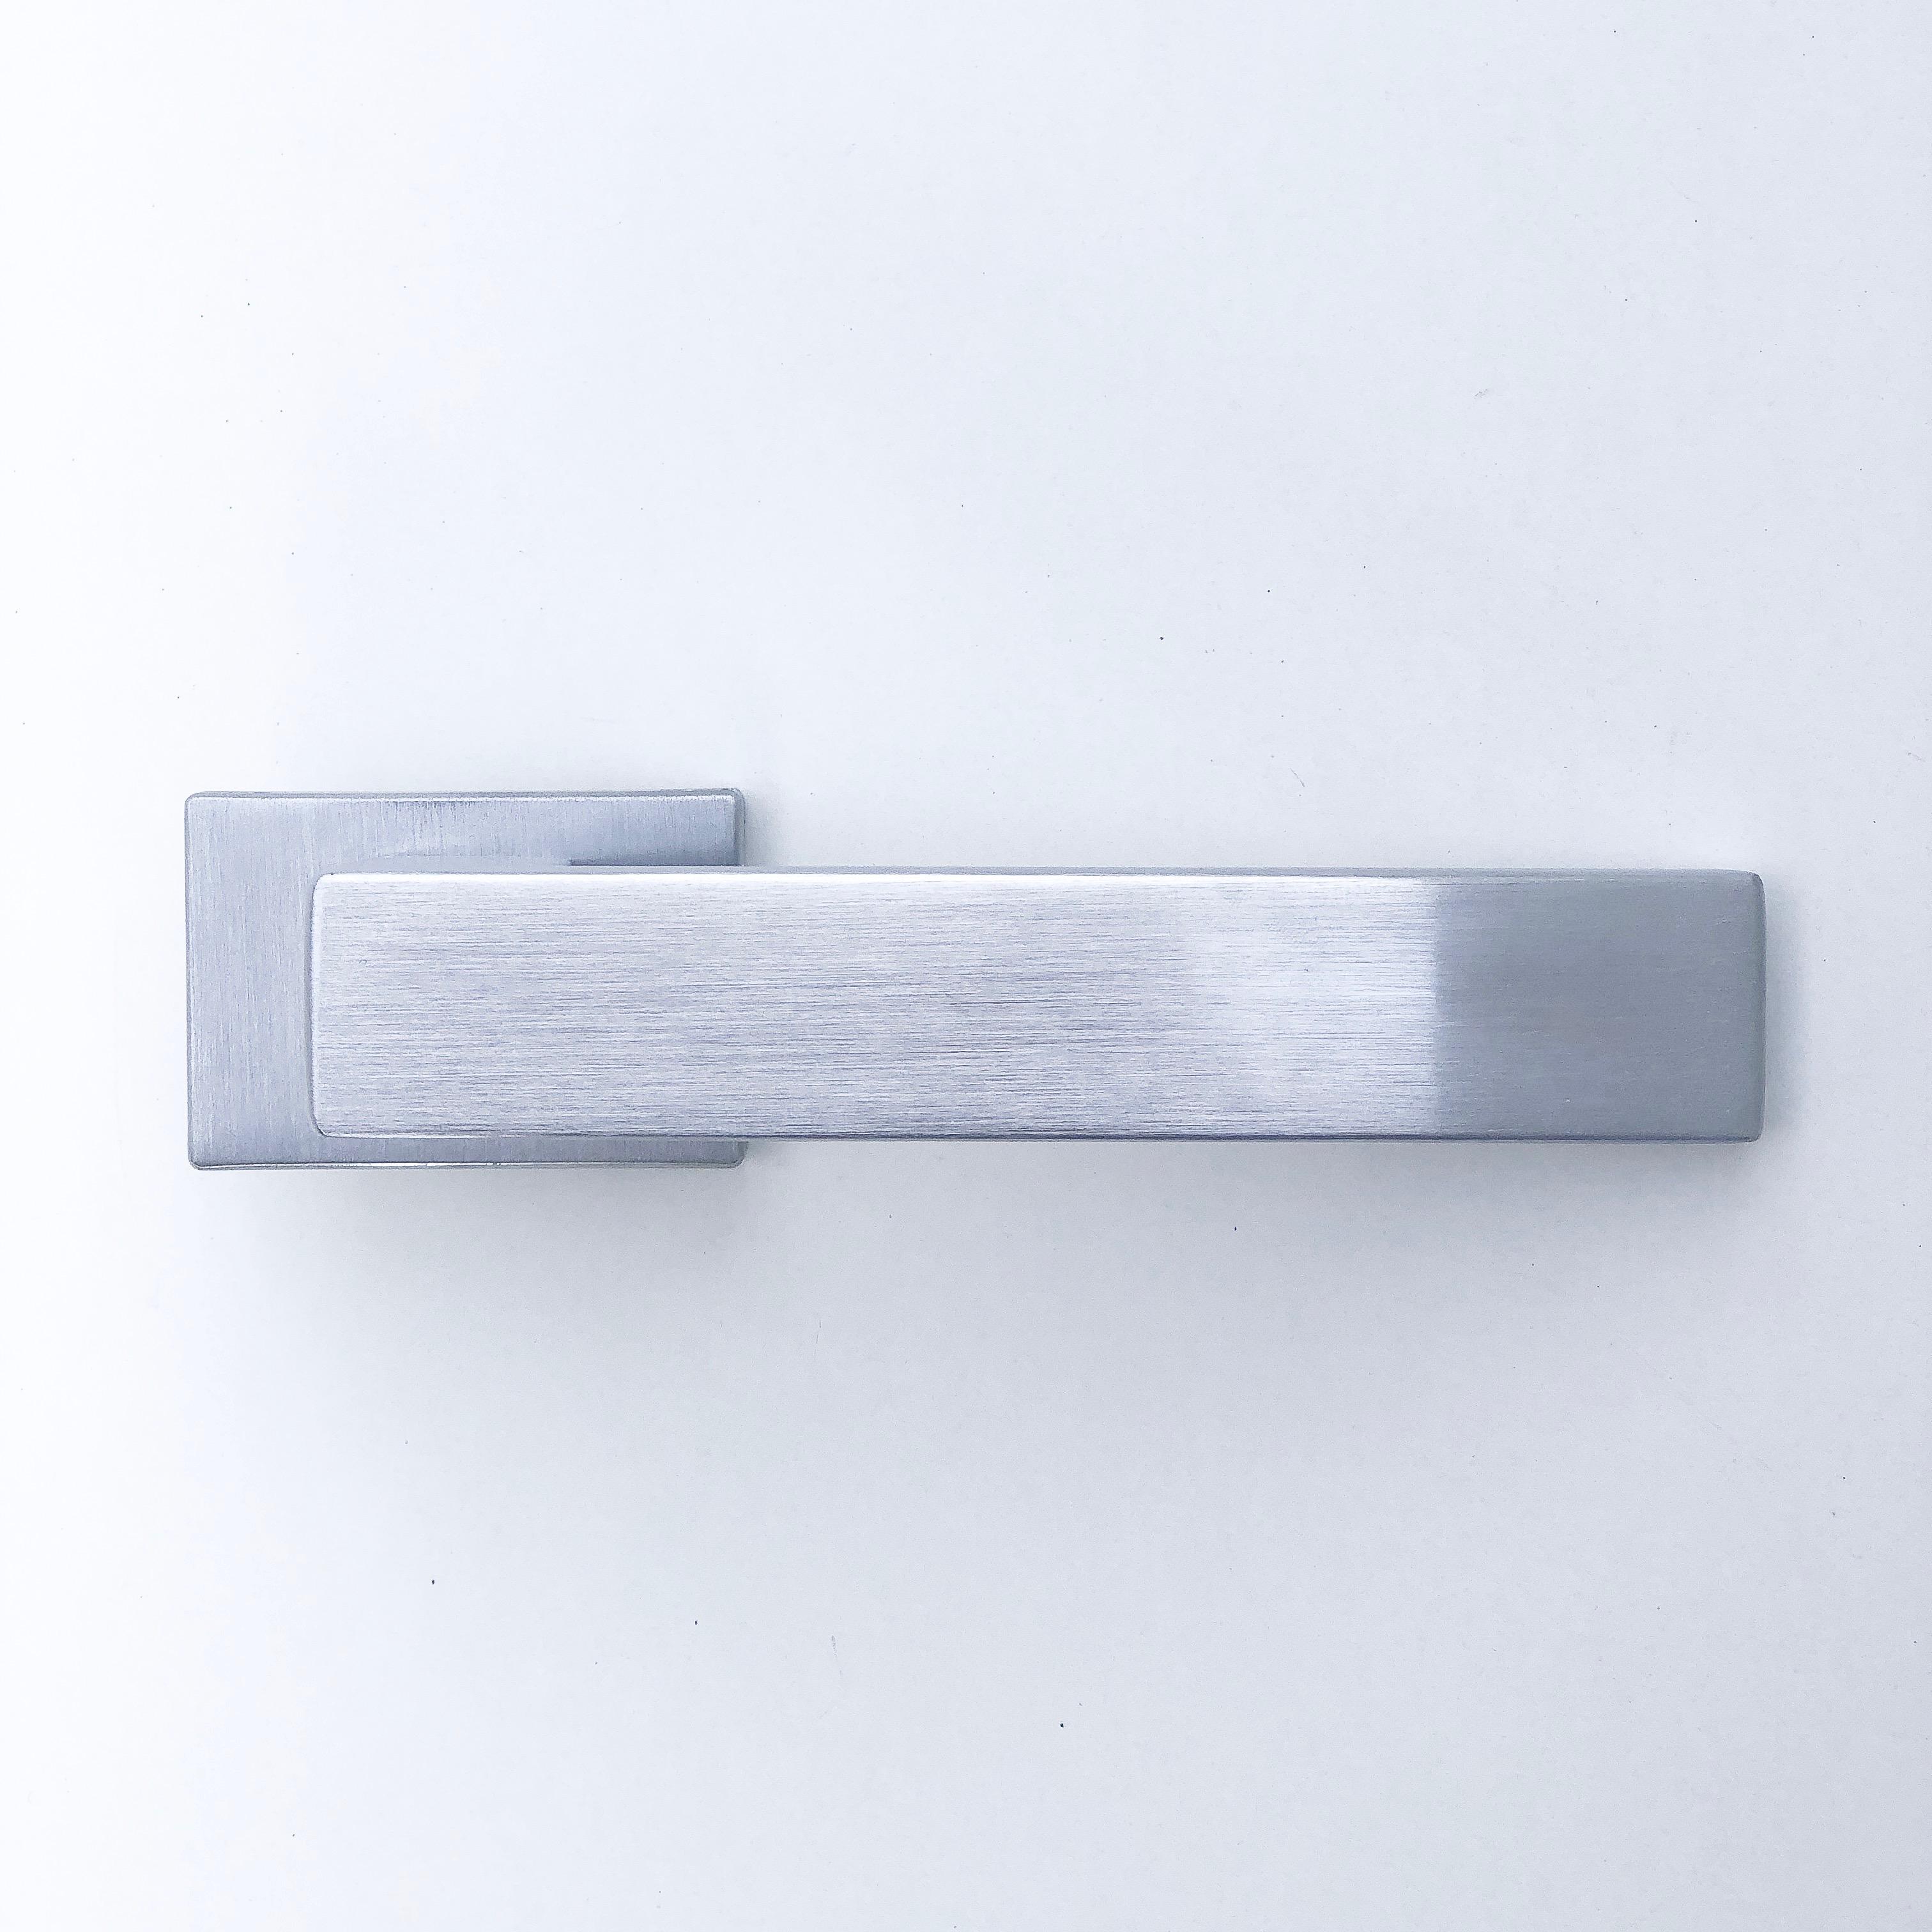 дверные ручки Cube rt матовый хром